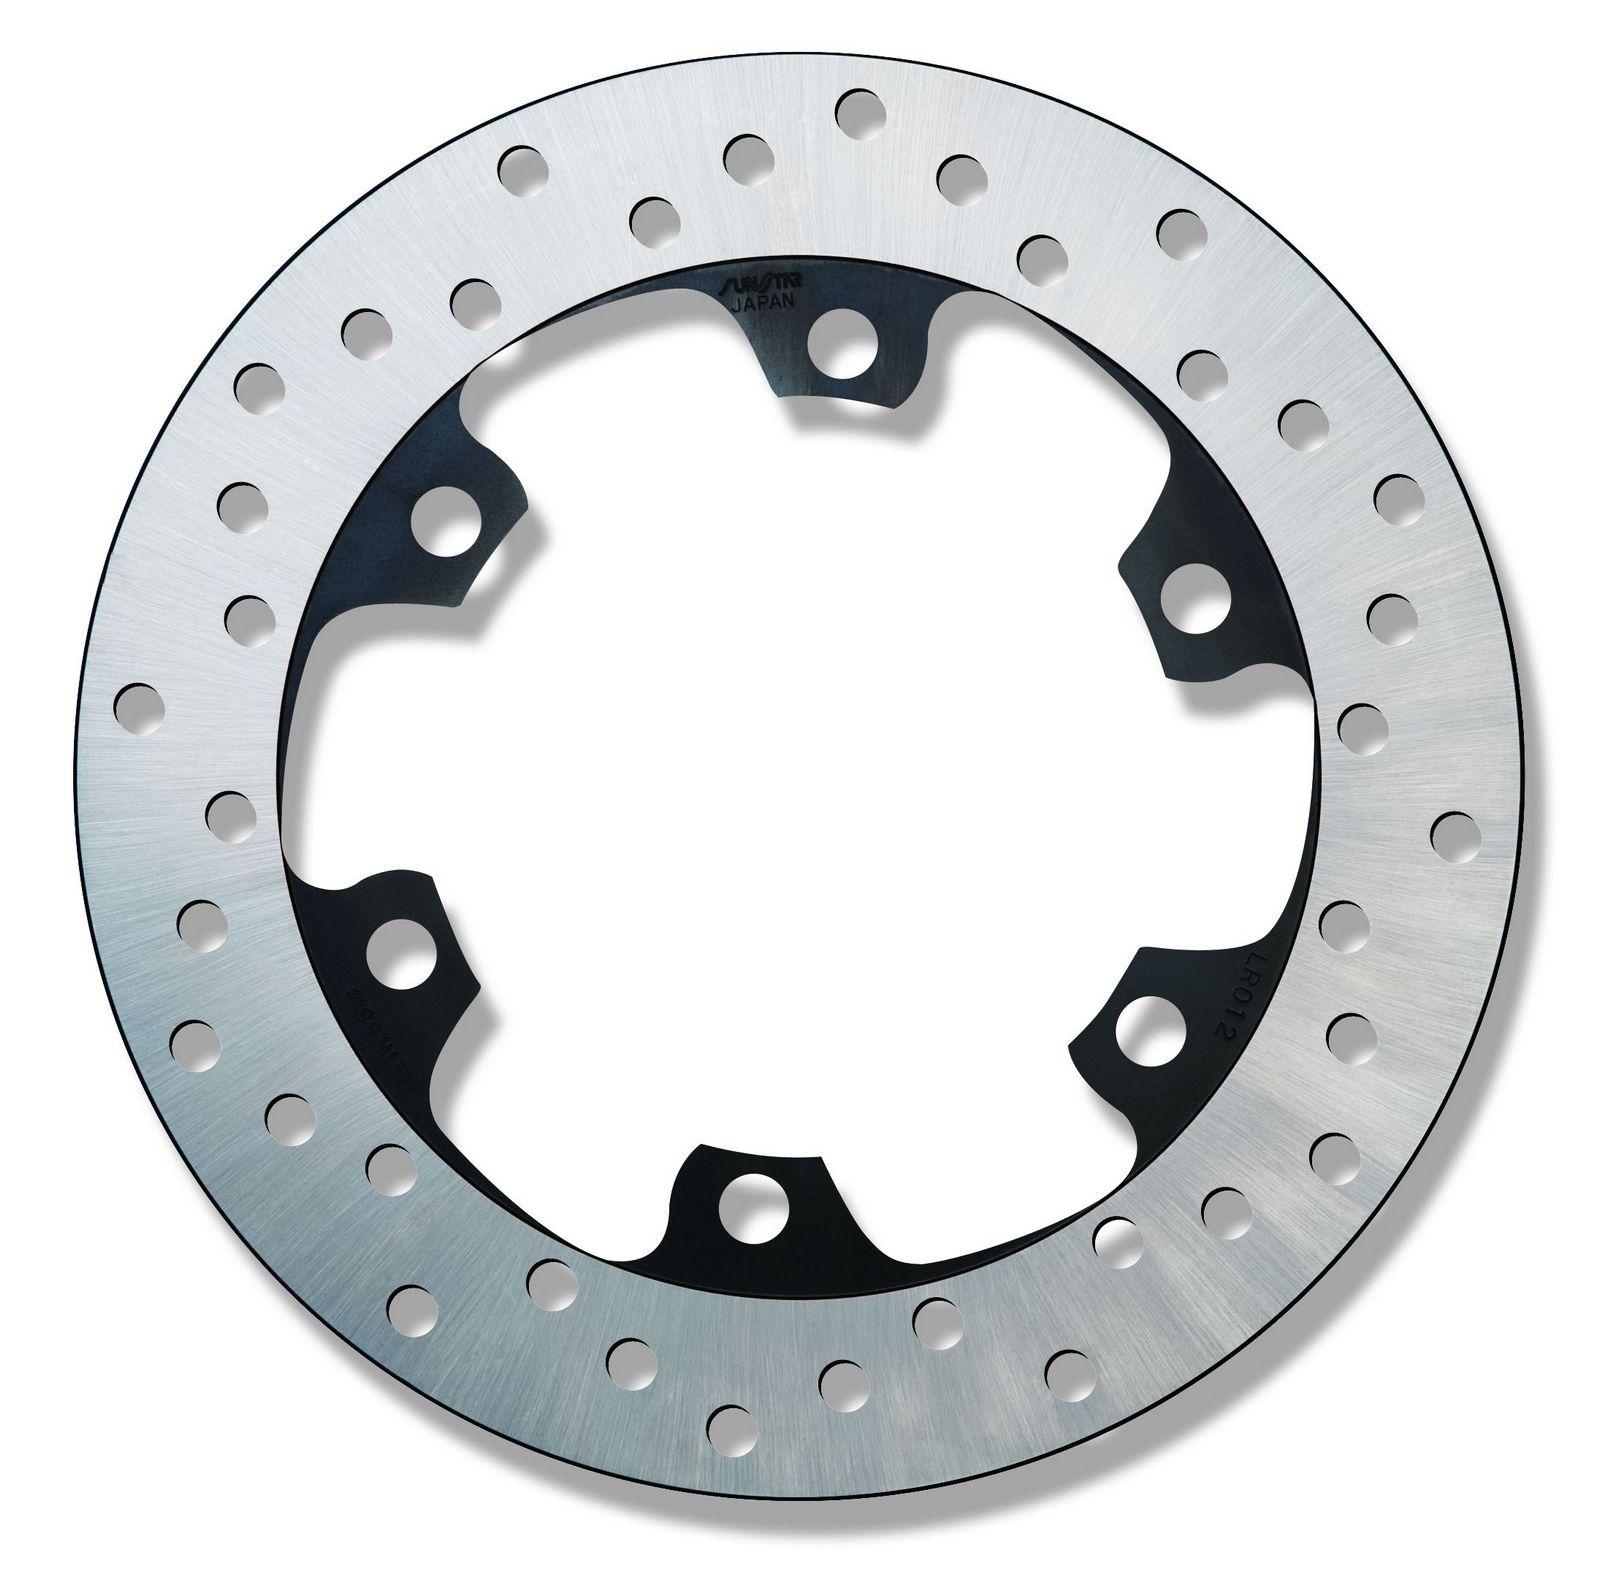 【SUNSTAR】高級競賽型後煞車碟盤 - 「Webike-摩托百貨」